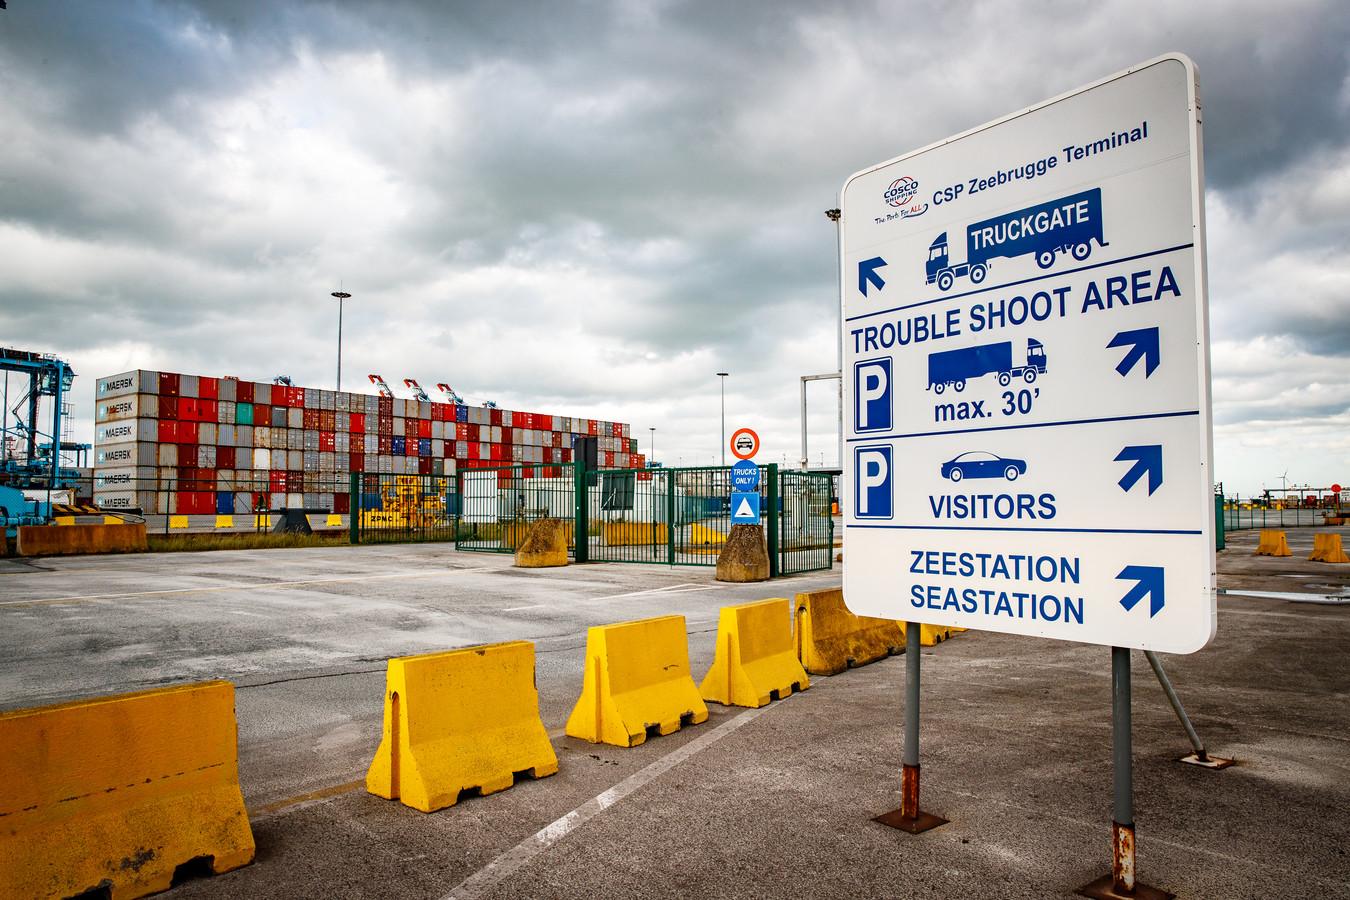 Het koppel werd geklist in de haven van Zeebrugge.